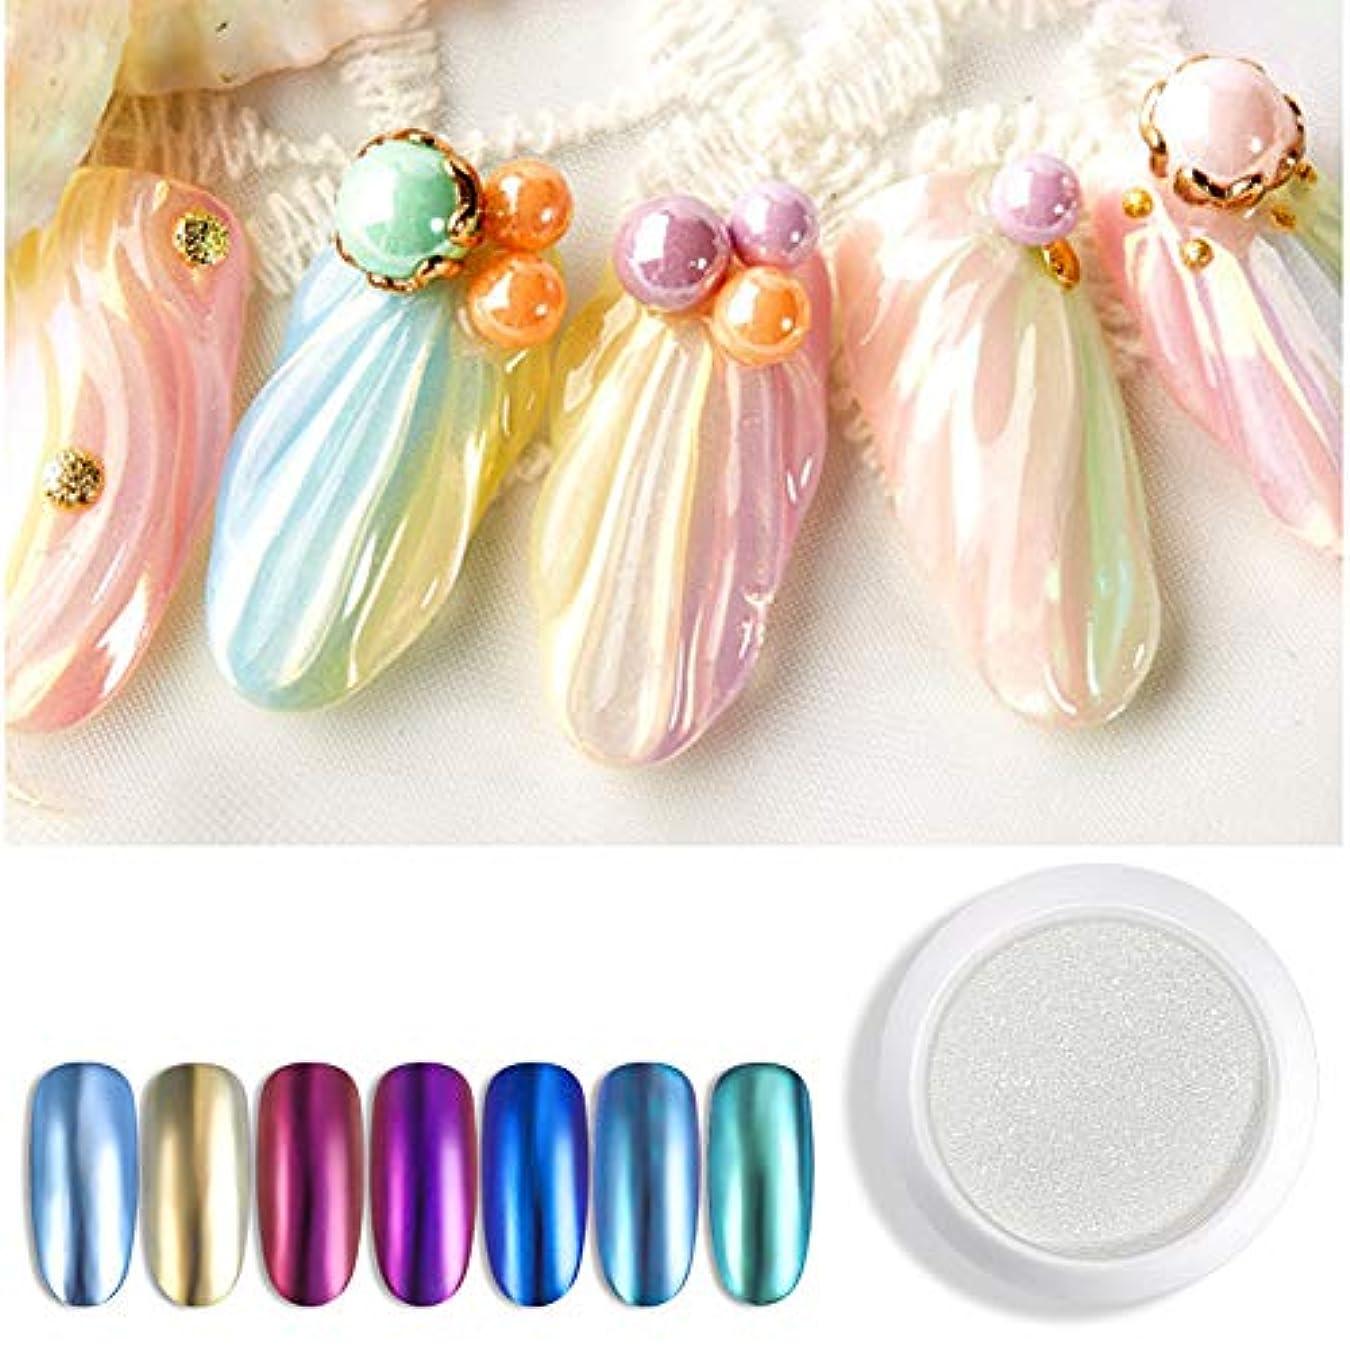 最高ハリウッドブレーキINNAIL 爪粉末からオーロラ真珠粉ミラー粉末爪金属選択ゲルネイルカラーネイルアートを含有七色の1Gケース(7) 7